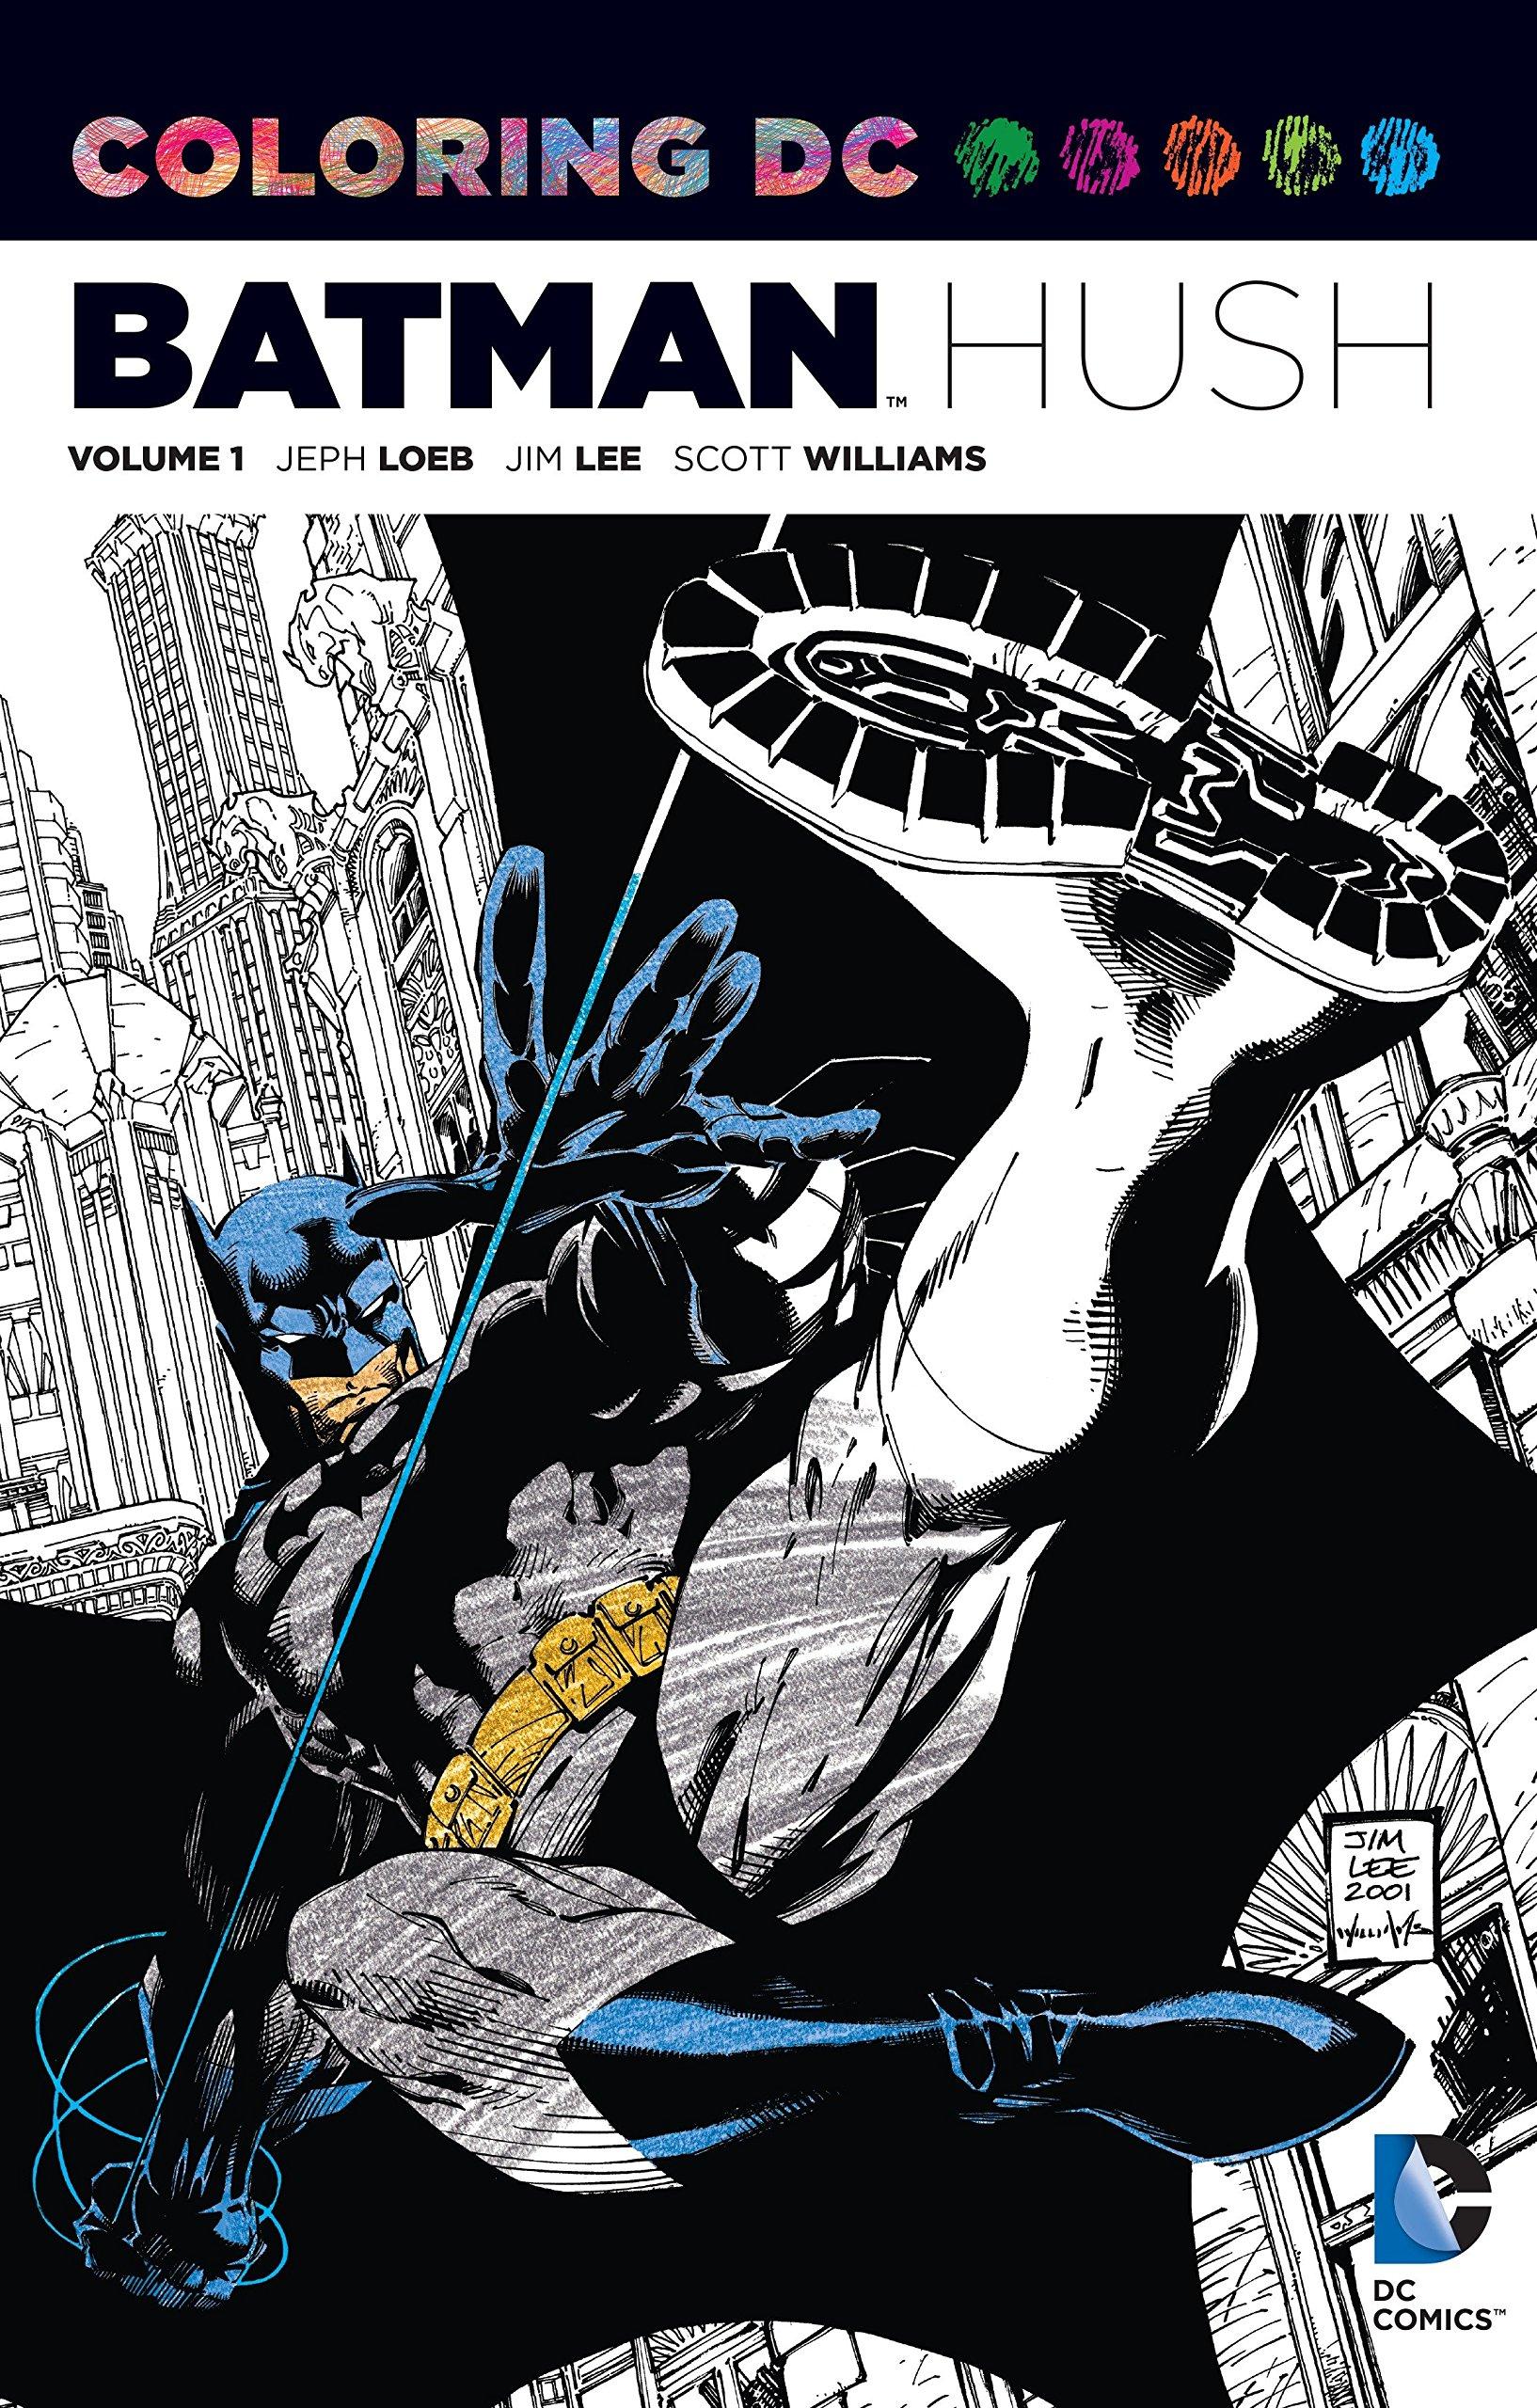 Amazon.com: Coloring DC: Batman-Hush Vol. 1 (Dc Comics Coloring Book ...